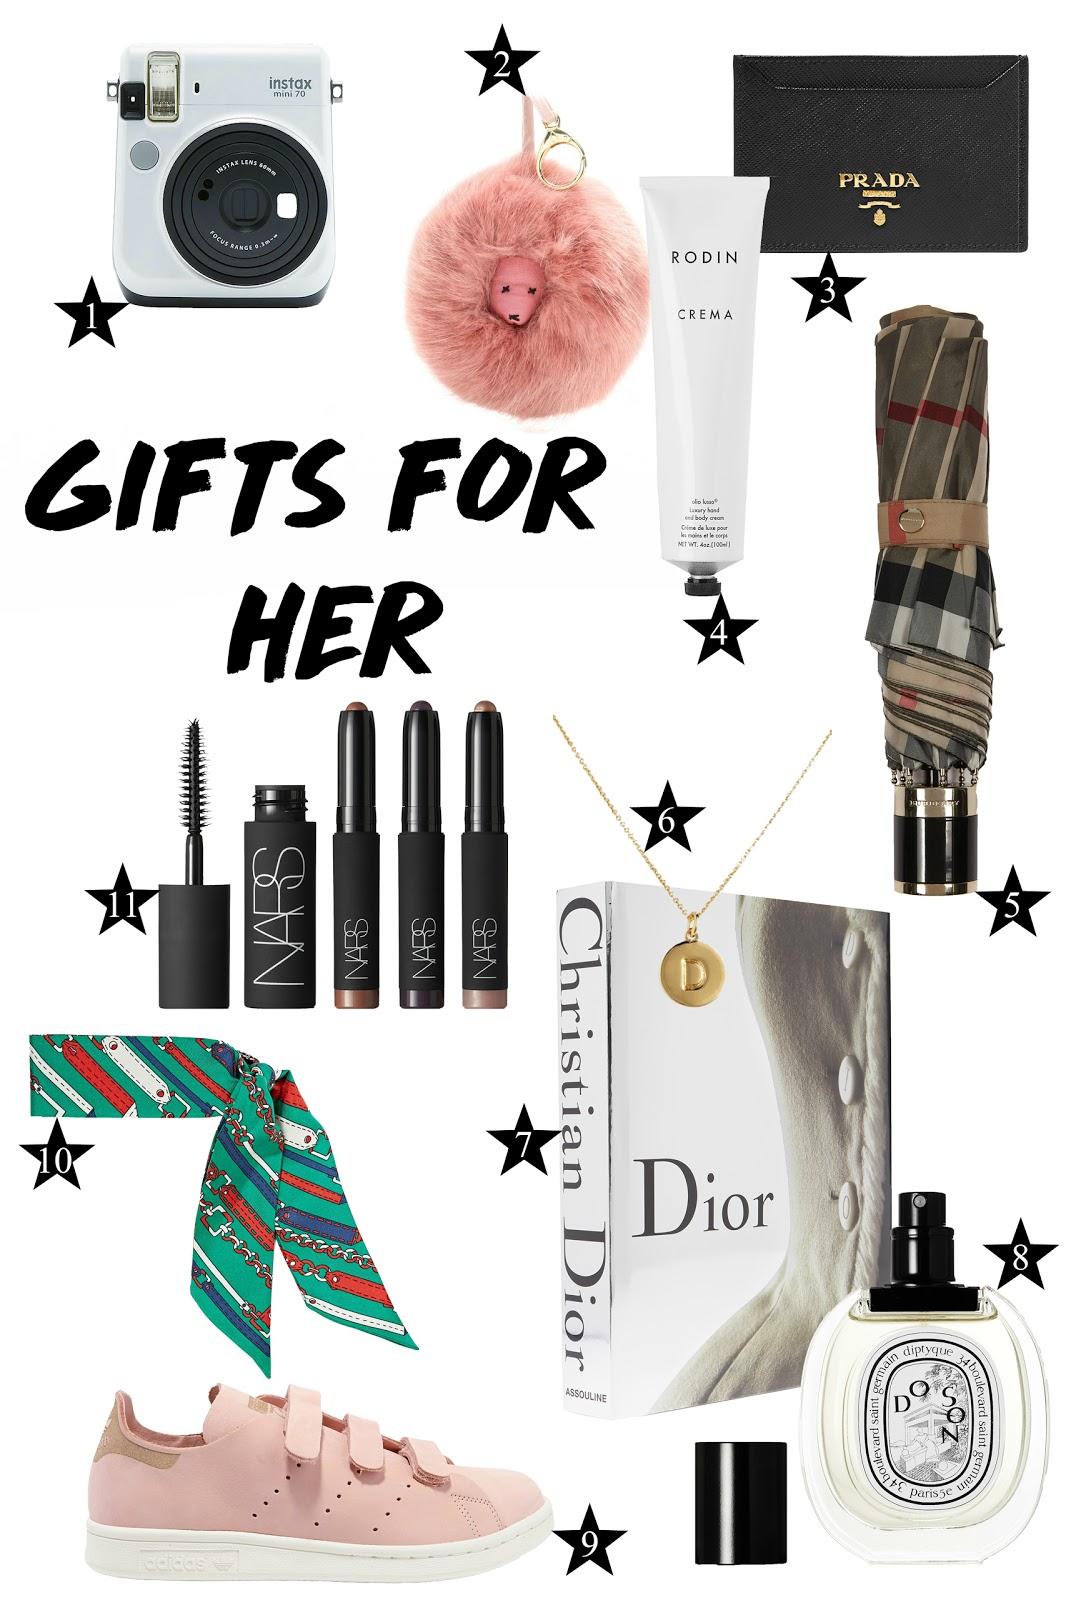 fujifilm, shripms, prada, rodin, burberry, kate spade, assouline, diptyque, adidas, gucci, nars, gift guide, holidays, for her,